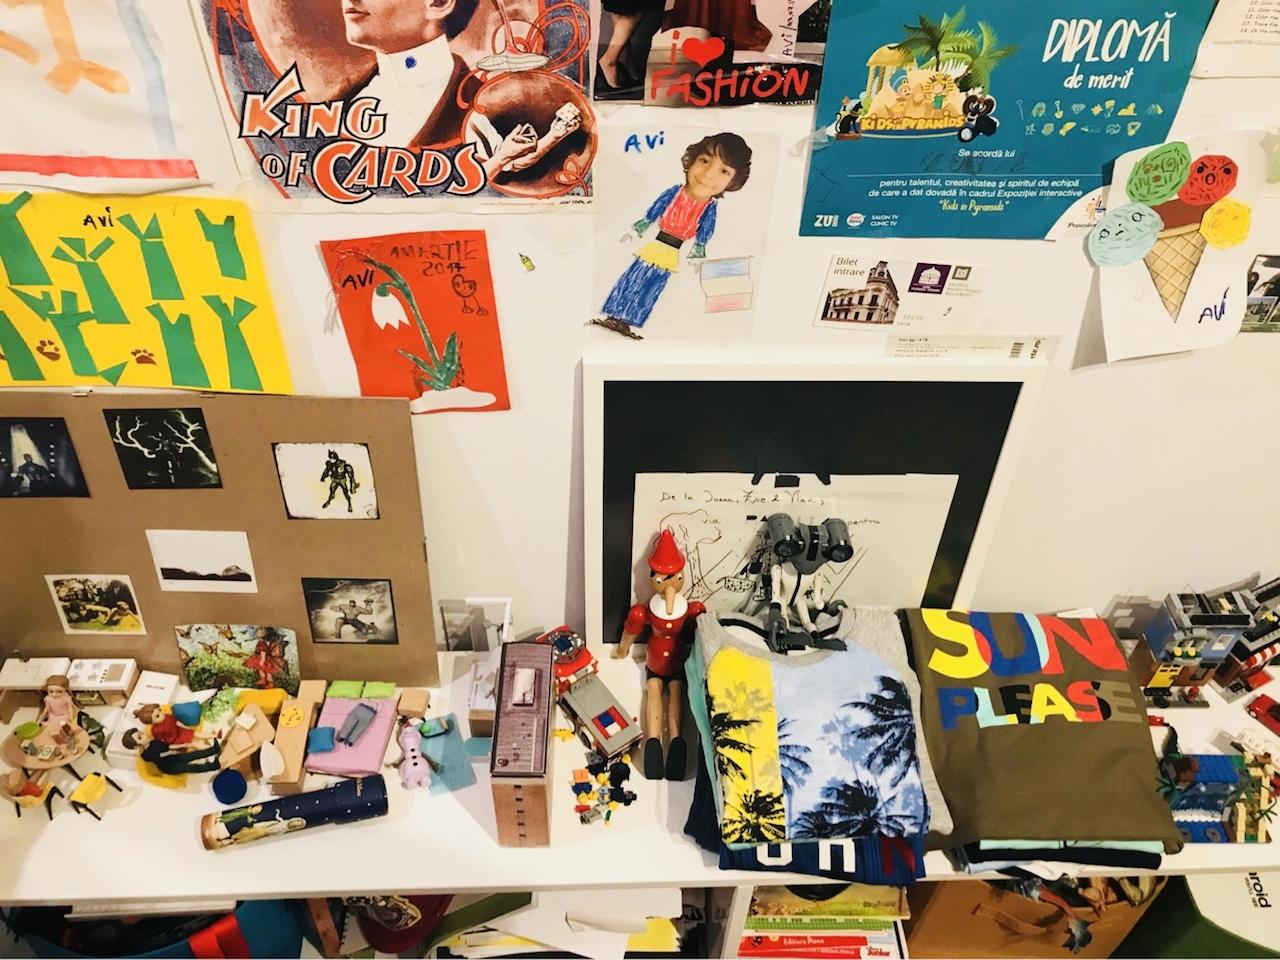 camera lui Avi